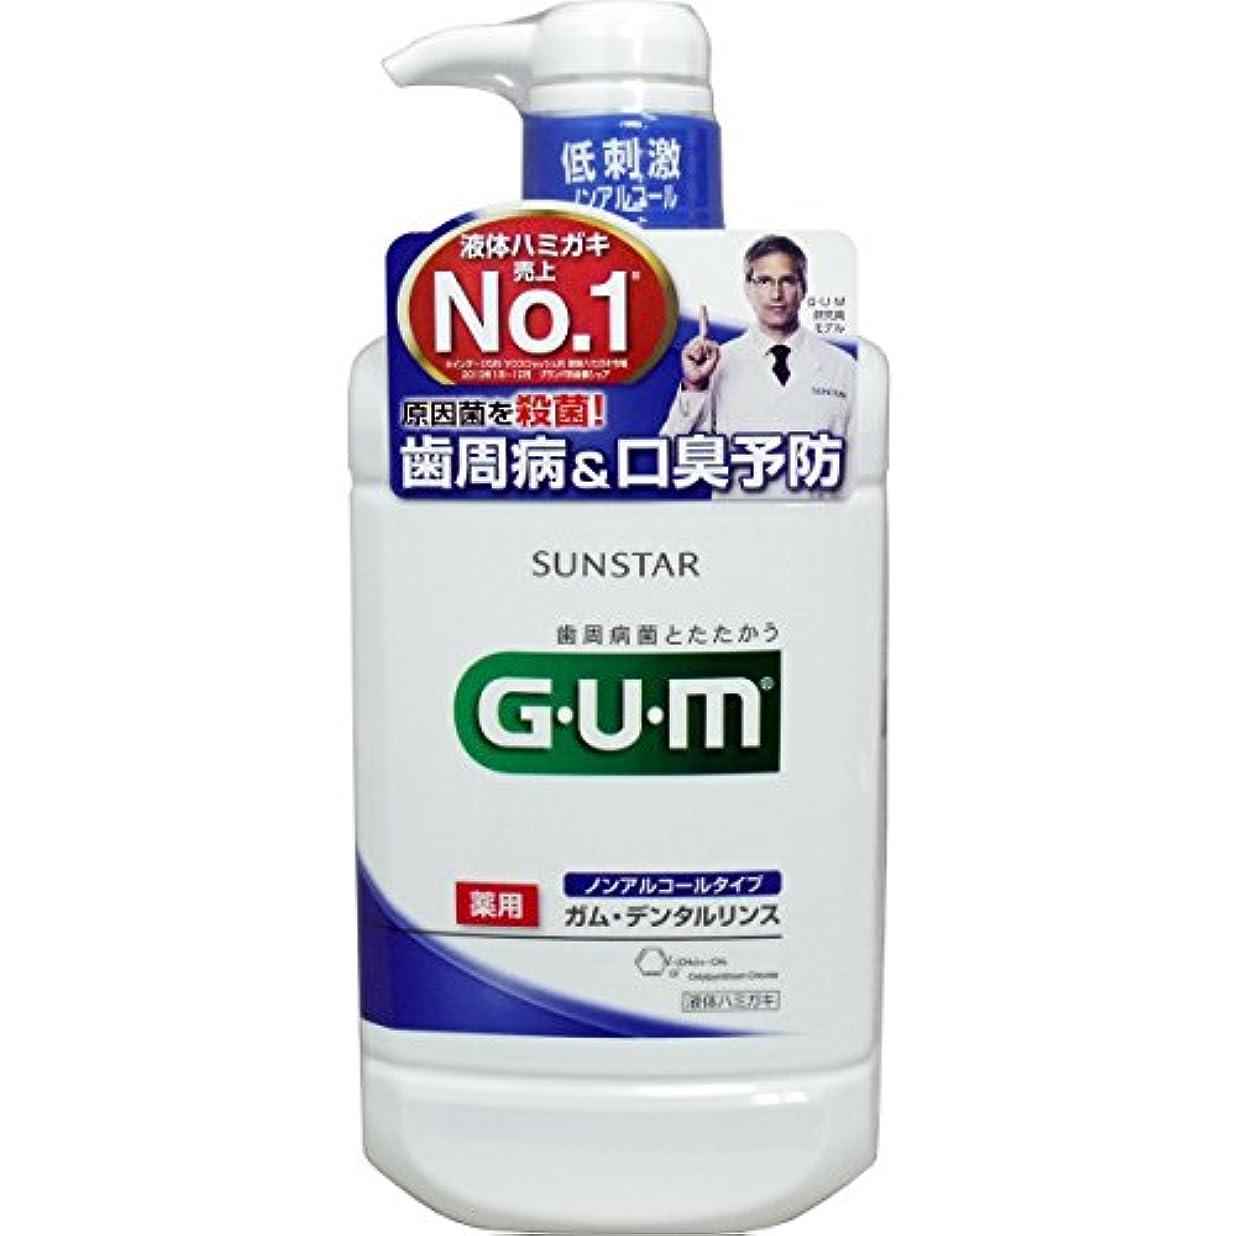 インディカマーク遵守する【まとめ買い】GUM(ガム)?デンタルリンス (ノンアルコールタイプ) 960mL (医薬部外品)×3個